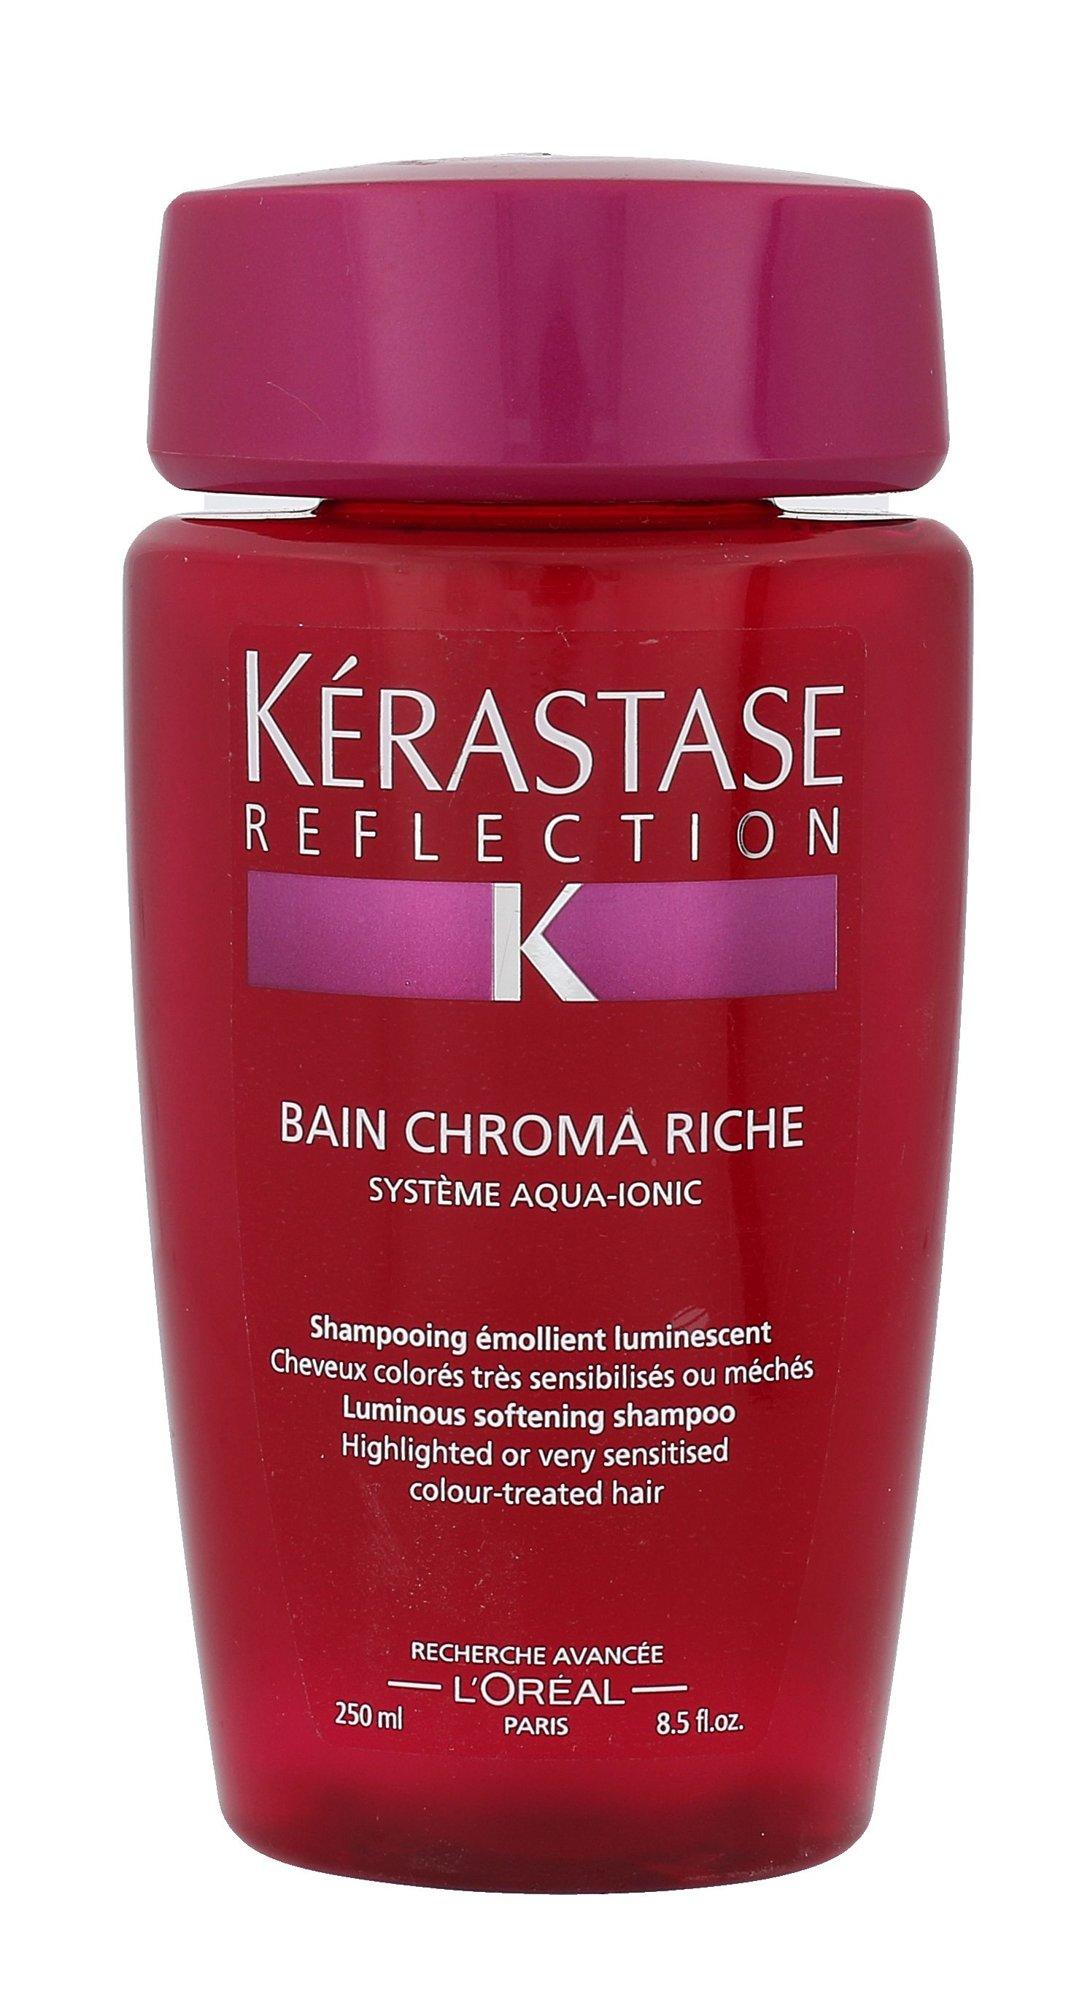 Kérastase Réflection Cosmetic 250ml  Bain Chroma Riche